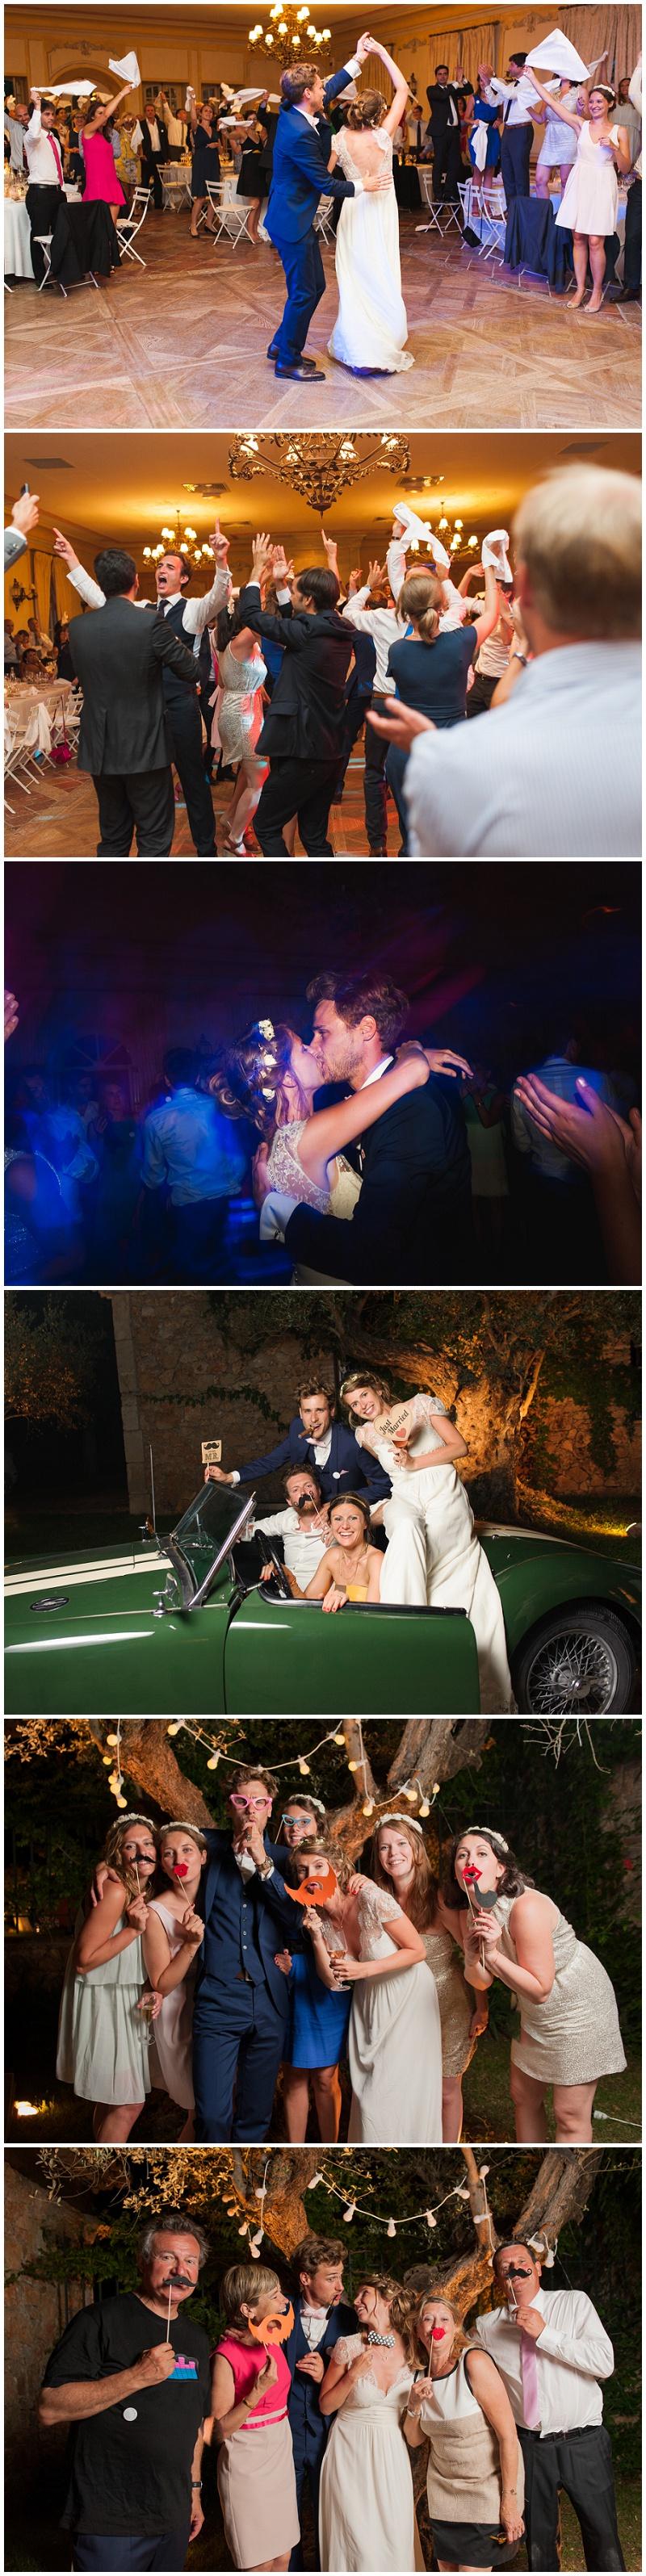 19 soirée de mariage et photobooth